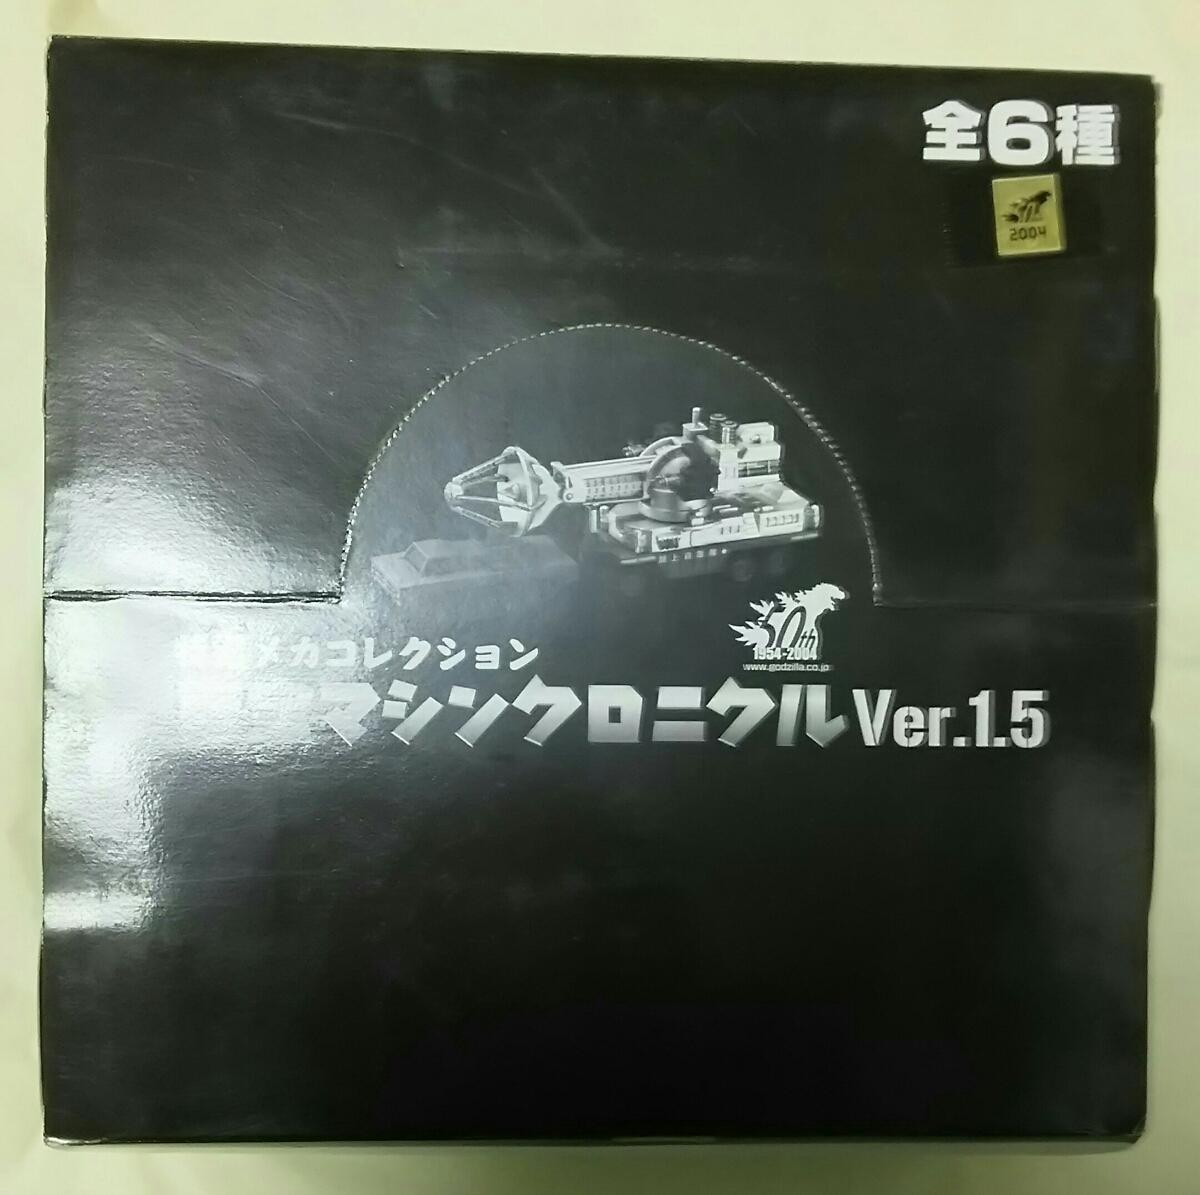 特撮メカコレクション 東宝マシンクロニクル Ver.1.5 10箱 入り 未開封_画像1